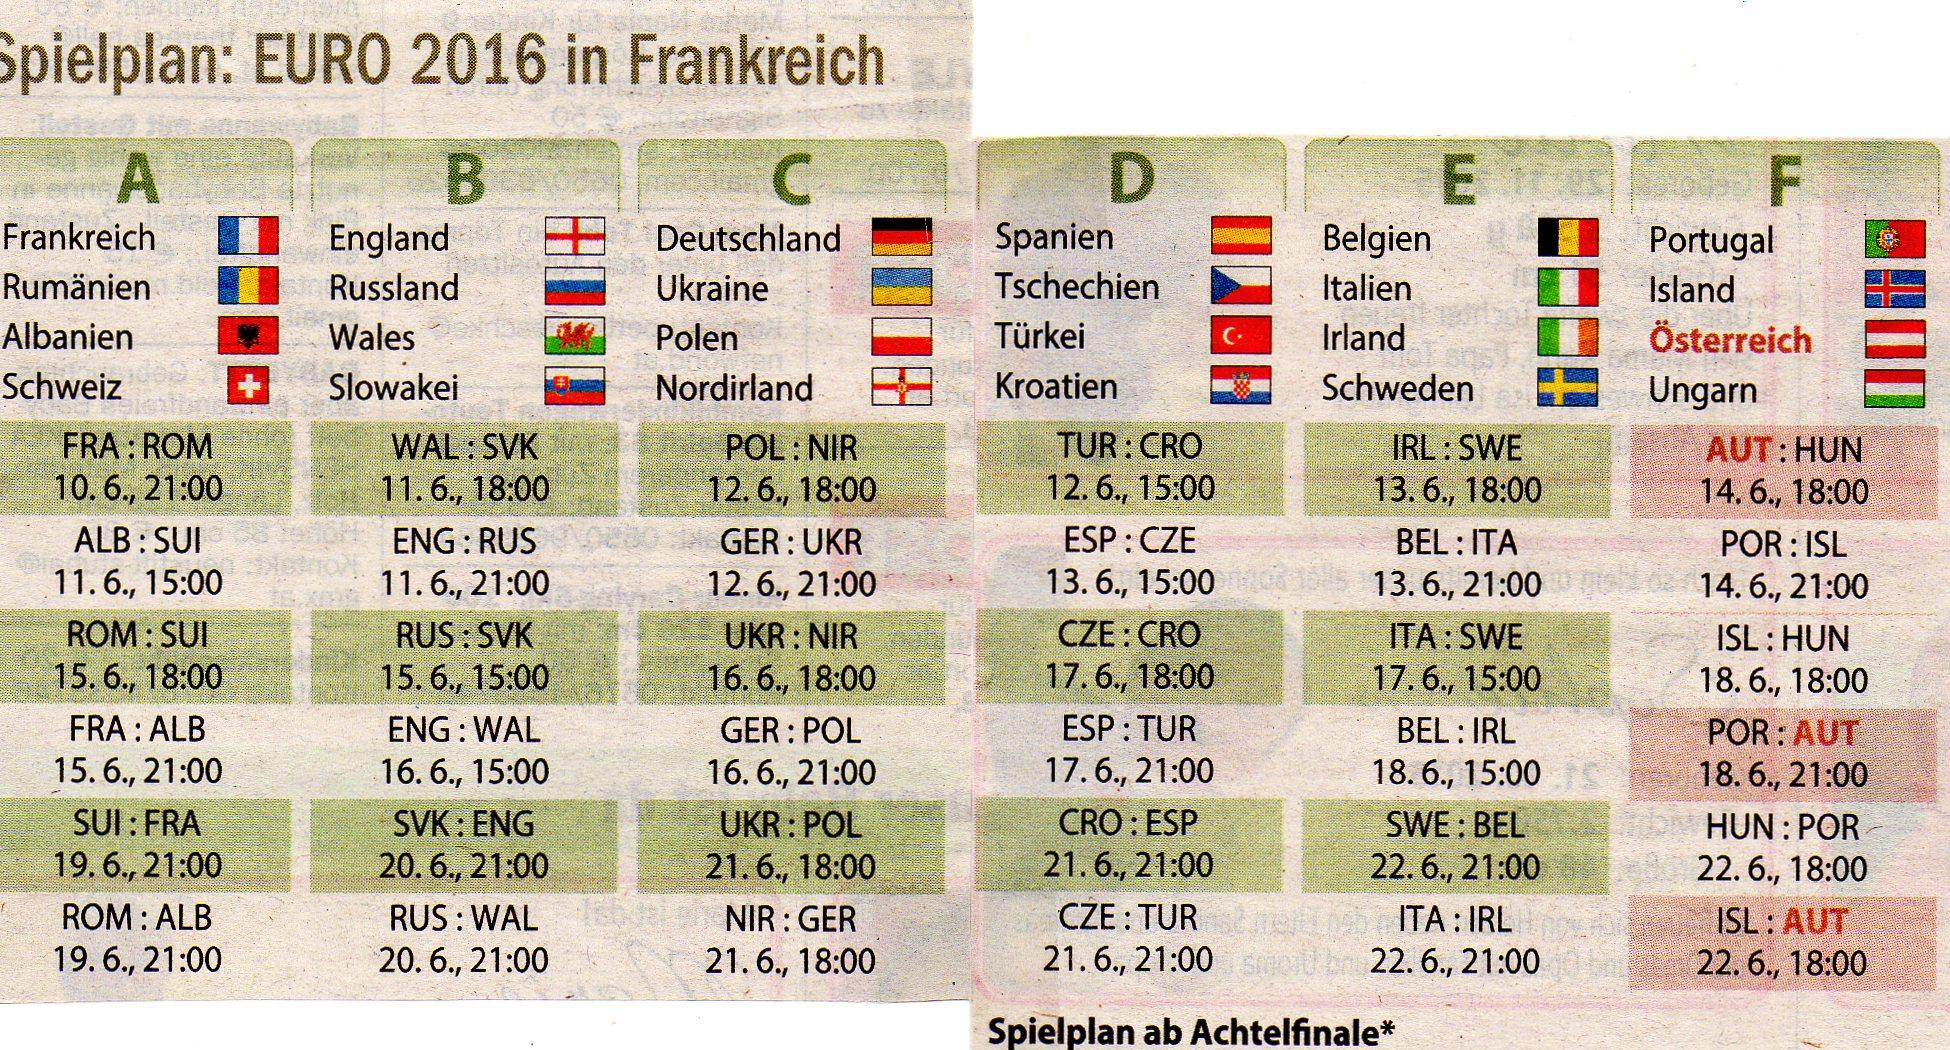 Spielplan Frankreich 2016